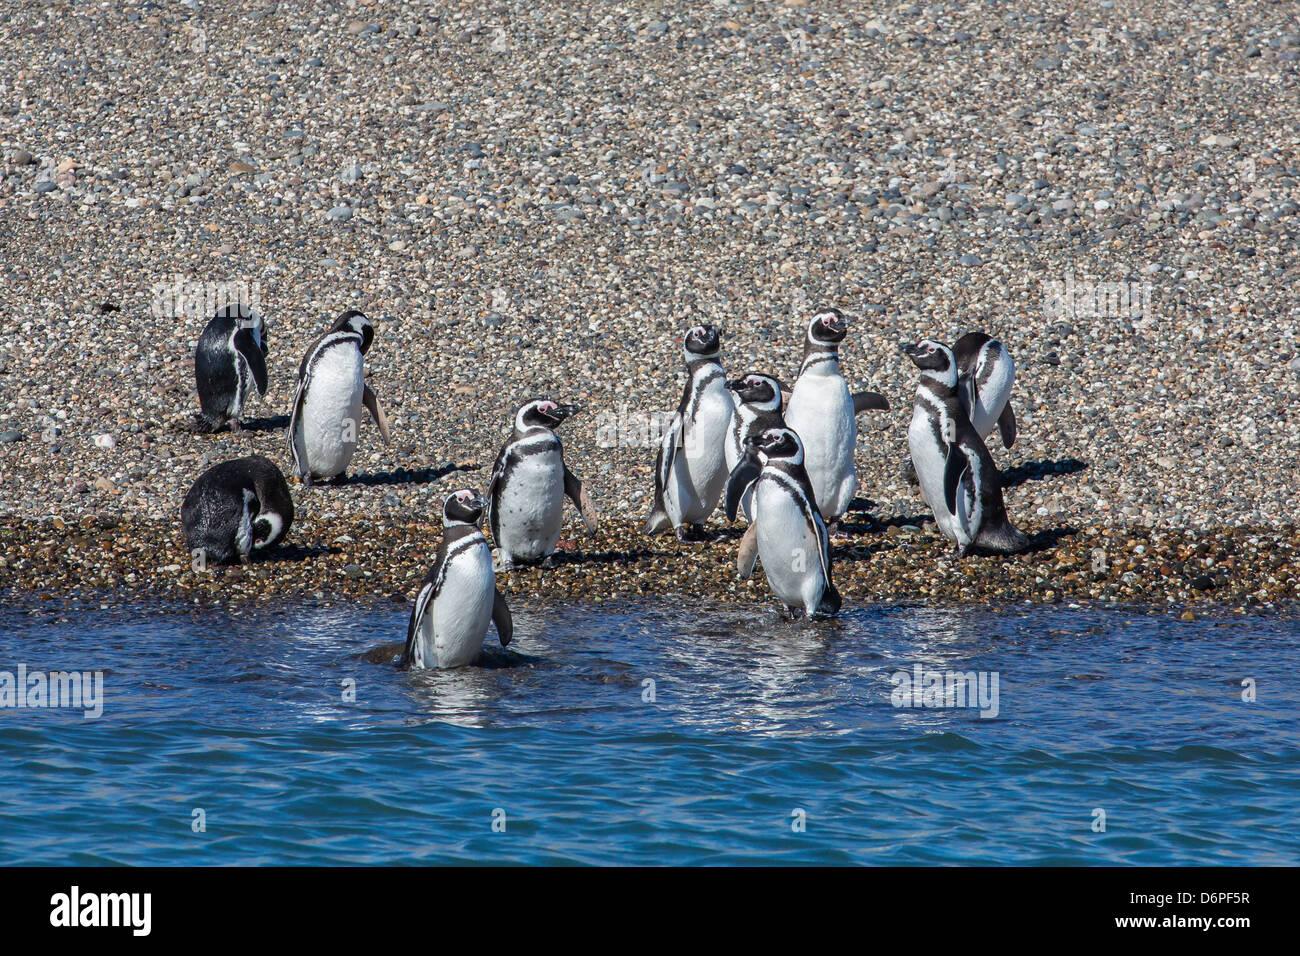 Adult Magellanic penguins (Spheniscus magellanicus), Puerto Deseado, Patagonia, Argentina, South America Stock Photo